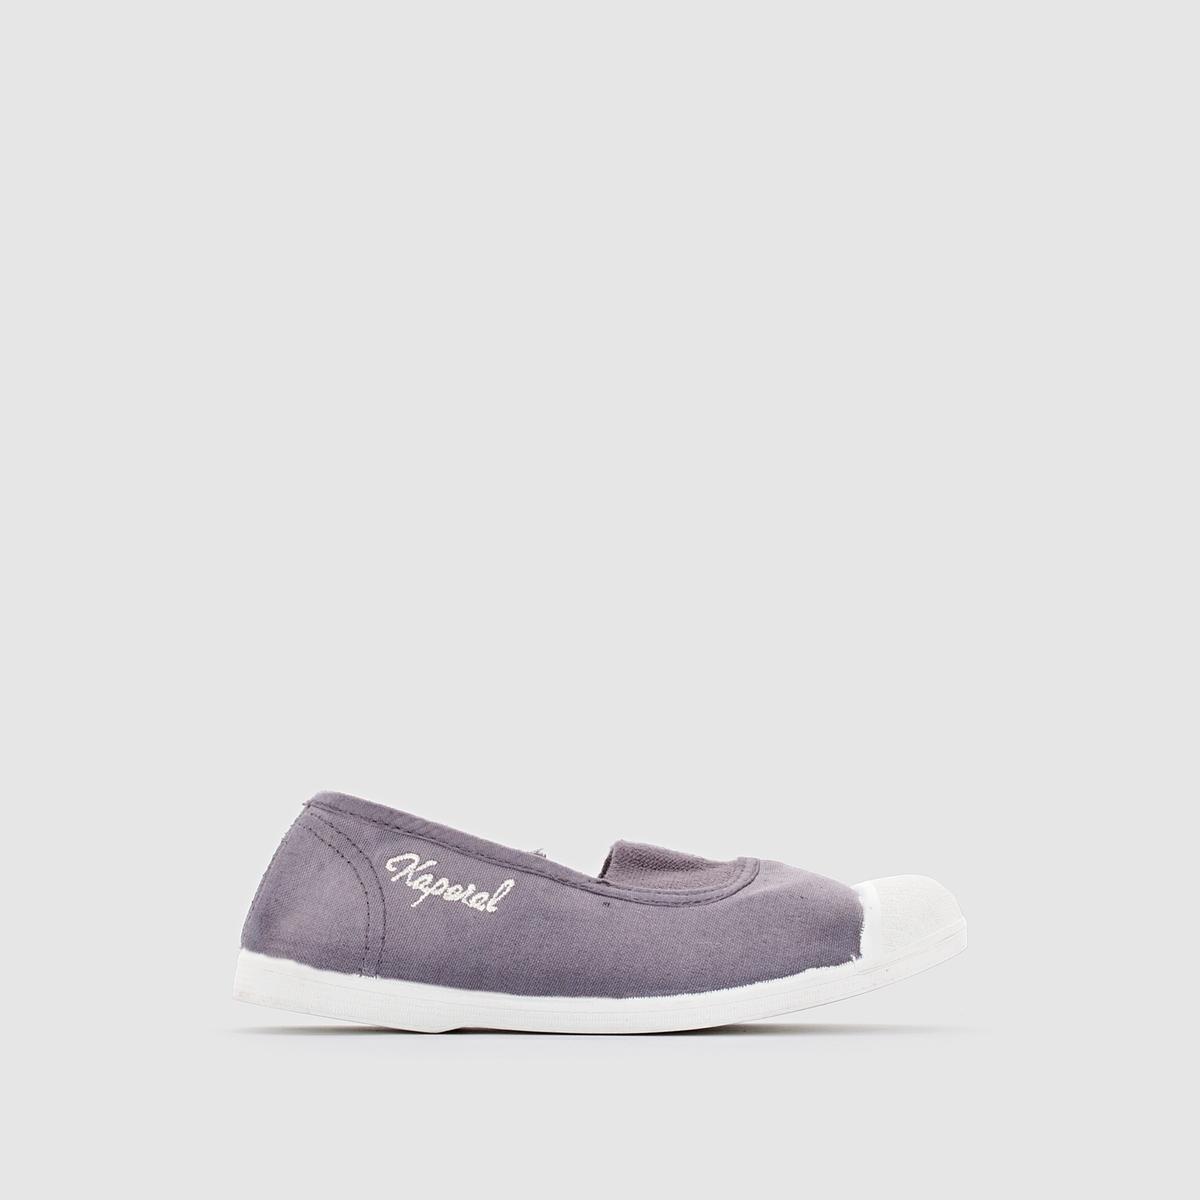 Кроссовки KAPORAL VANDAСтильная и в то же время популярная марка Kaporal черпает вдохновение в мире джинсовой моды. Это обувь в винтажном стиле с модными нотками. Kaporal - креативность и стремление к совершенству! Вы можете воспользоваться всеми преимуществами этой обуви, удобной, как тапочки. Выезжая на уик-энд, положите их в сумочку и возьмите с собой... или наденьте сразу!<br><br>Цвет: серый,черный<br>Размер: 32.29